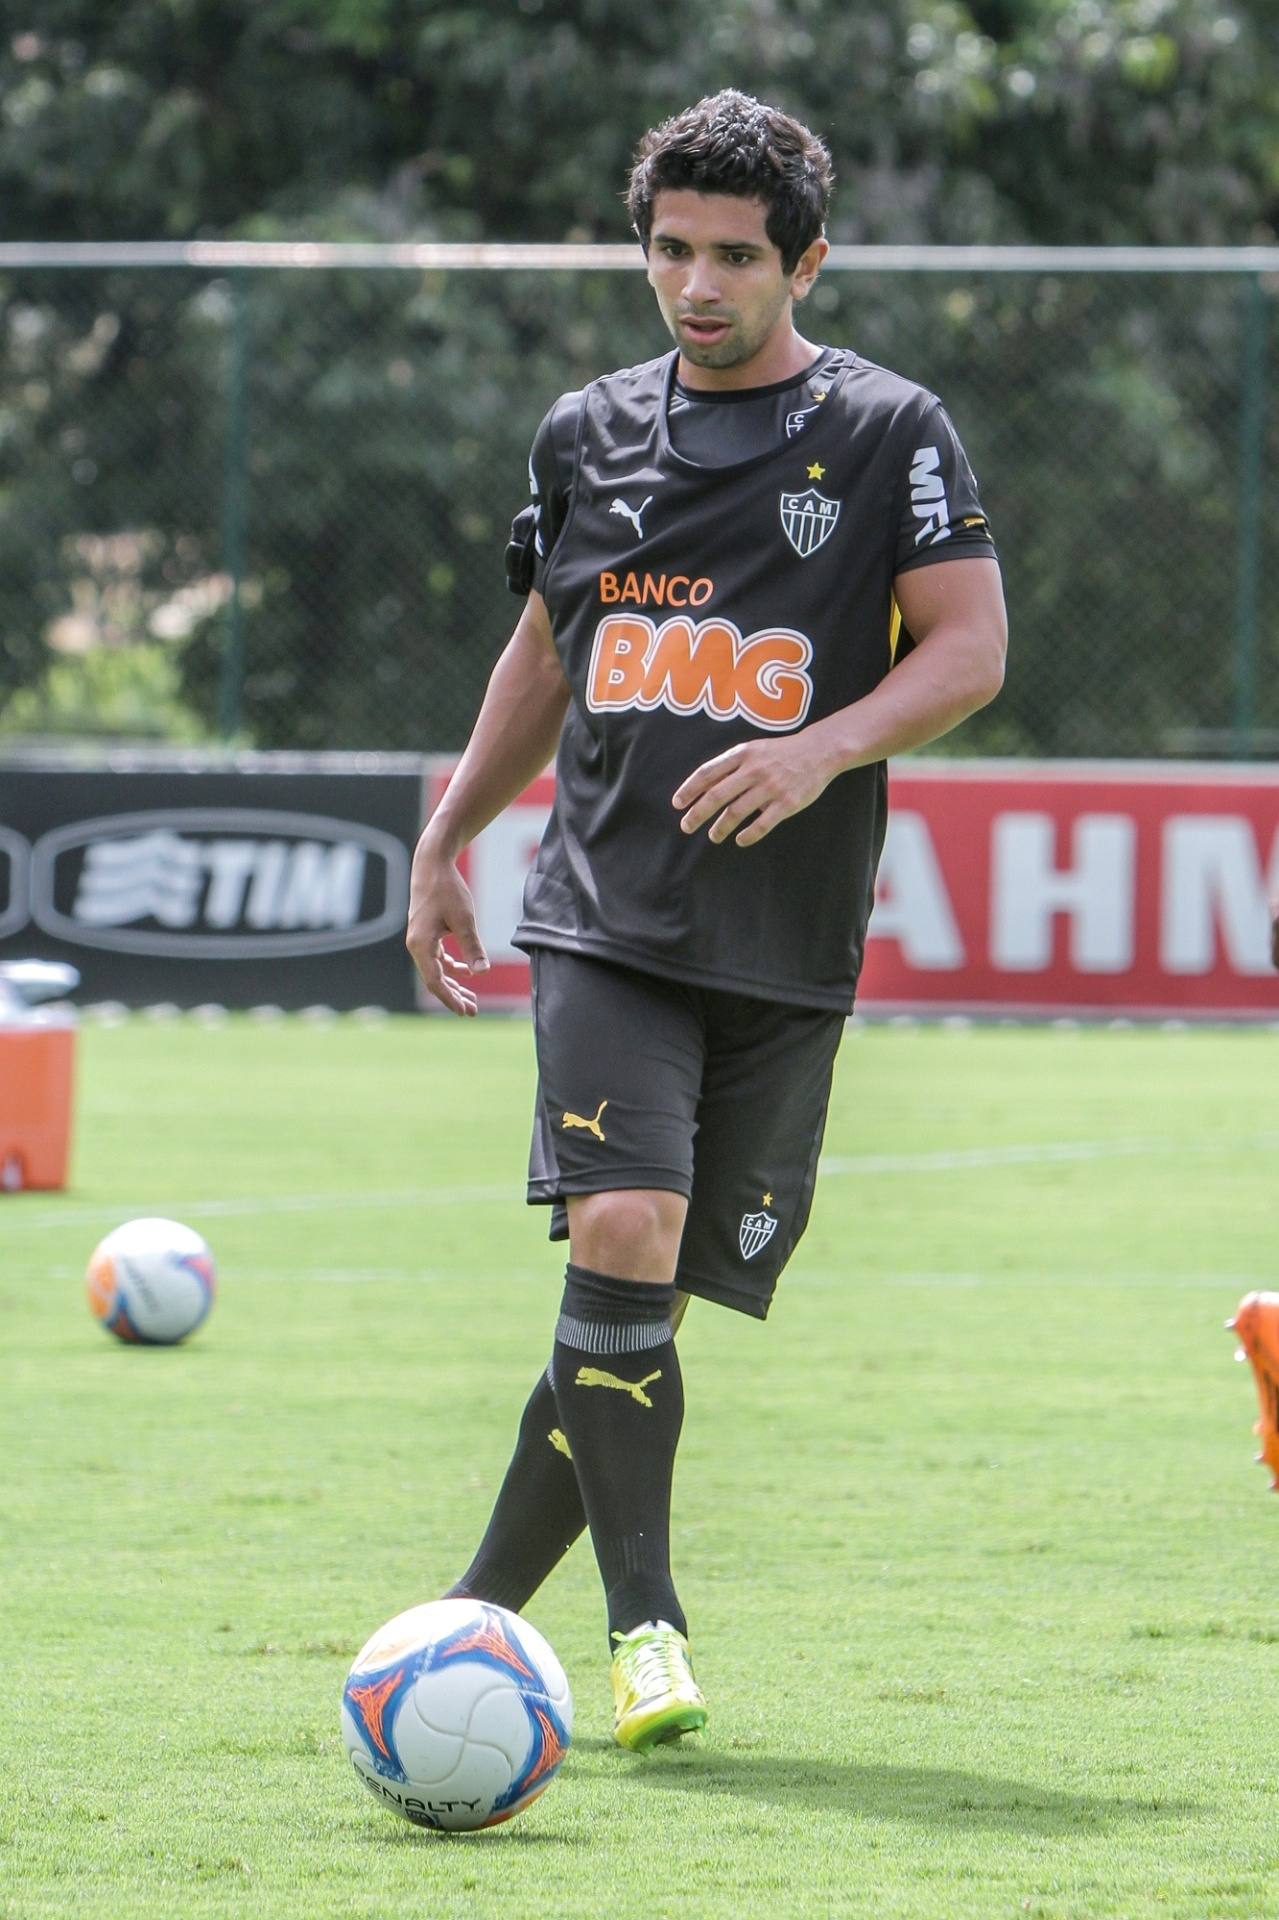 26 mar. 2014 - Atacante Guilherme participa de treino do Atlético-MG na Cidade do Galo